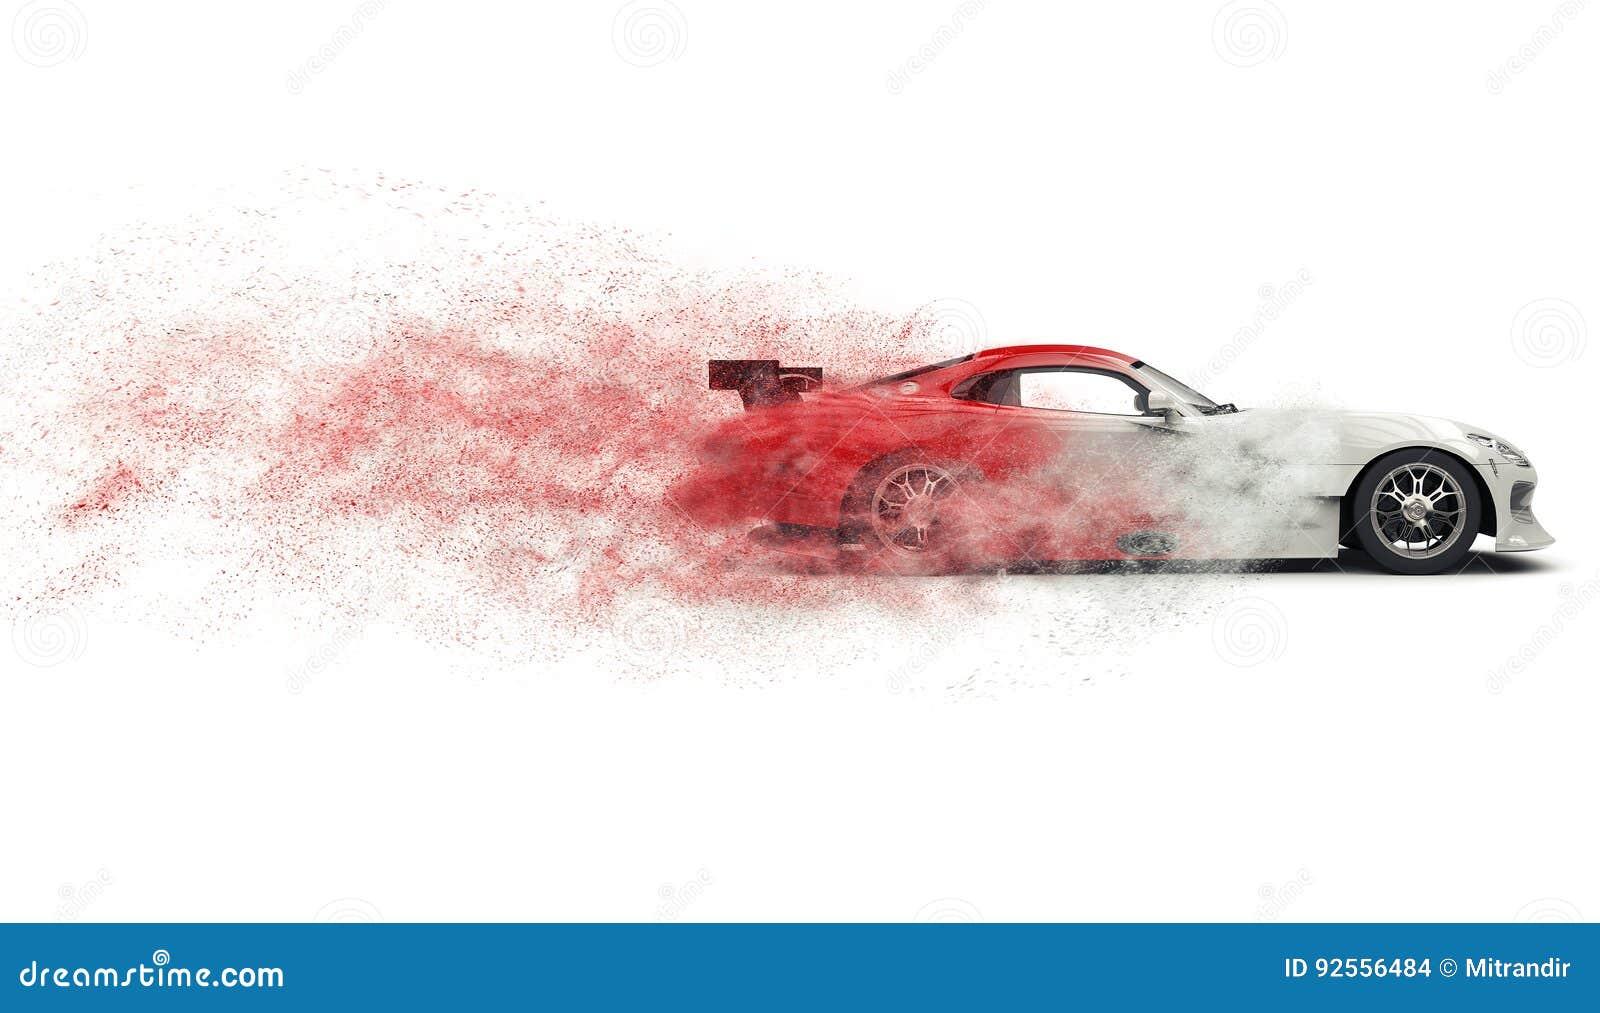 Automobile sportiva eccellente che si disintegra nella polvere rossa e bianca